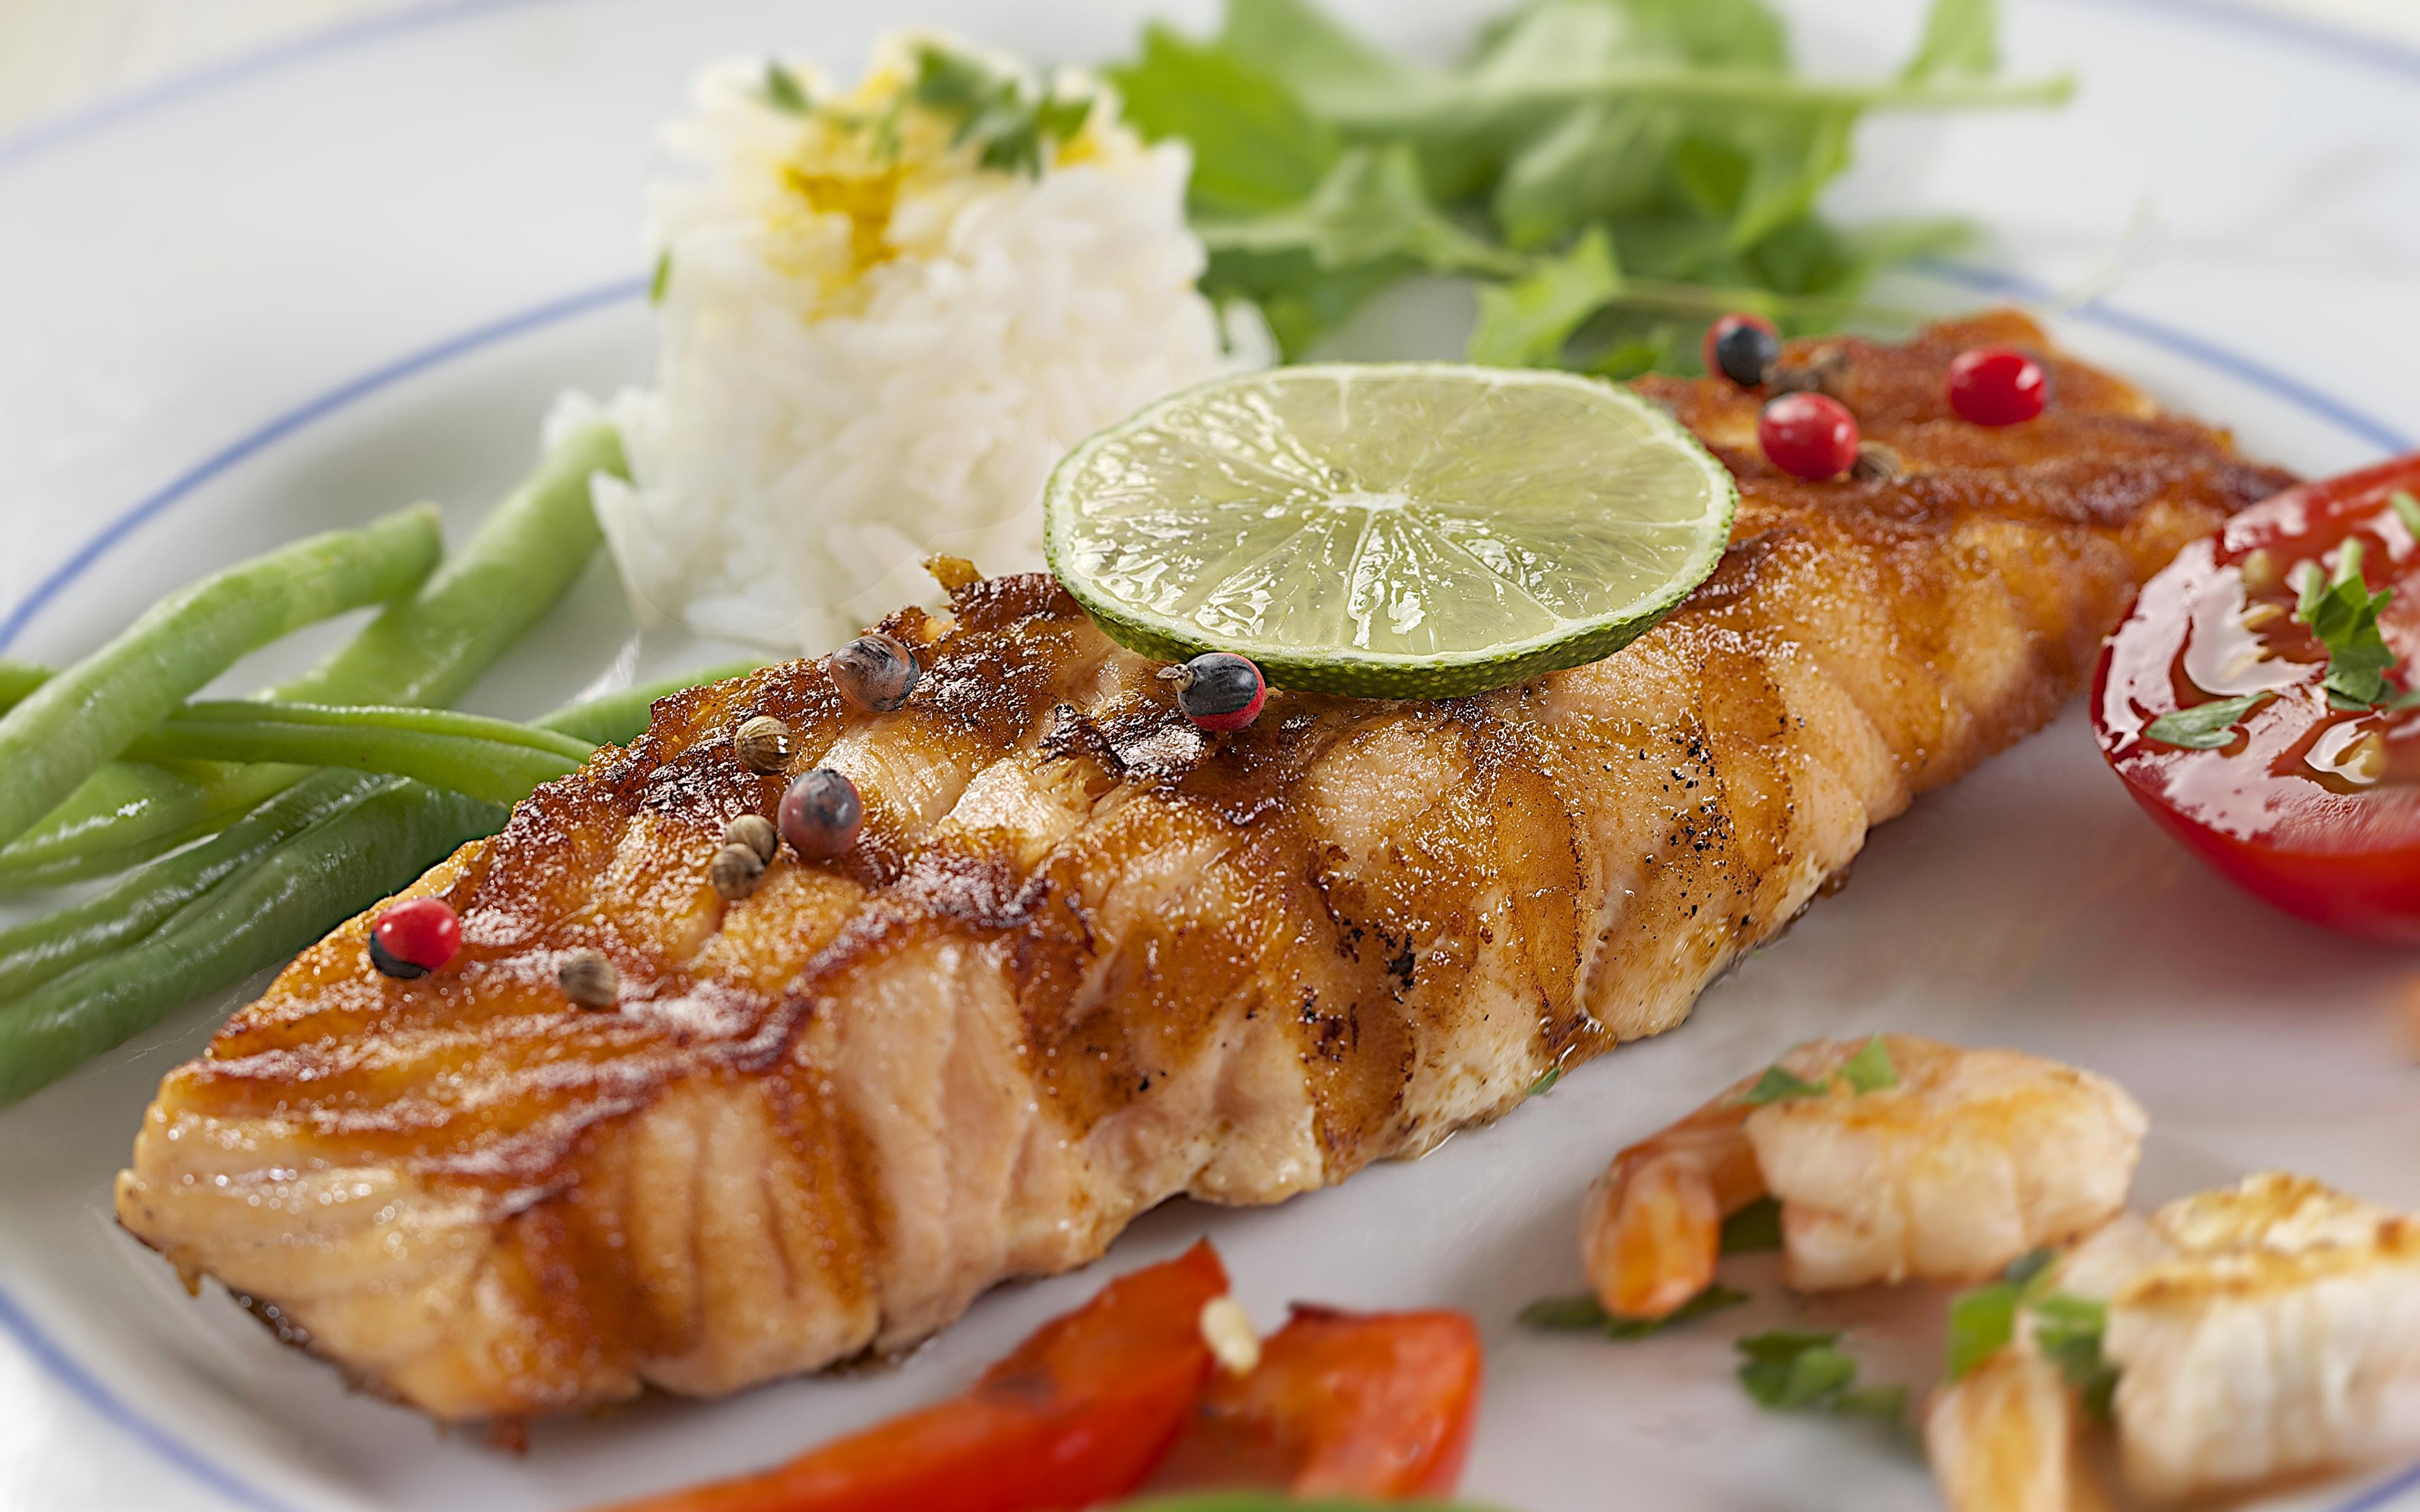 https://s1.1zoom.ru/b5050/744/Seafoods_Fish_Food_446184_3840x2400.jpg